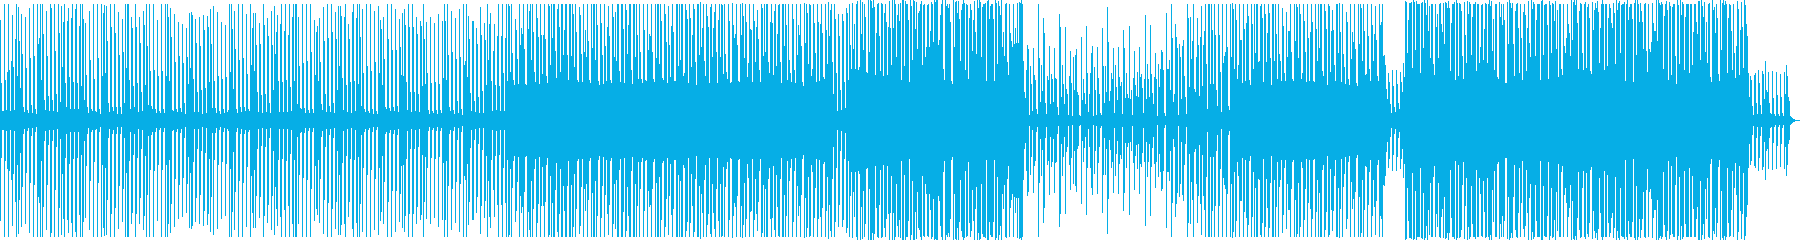 洋楽 切ない おしゃれの再生済みの波形